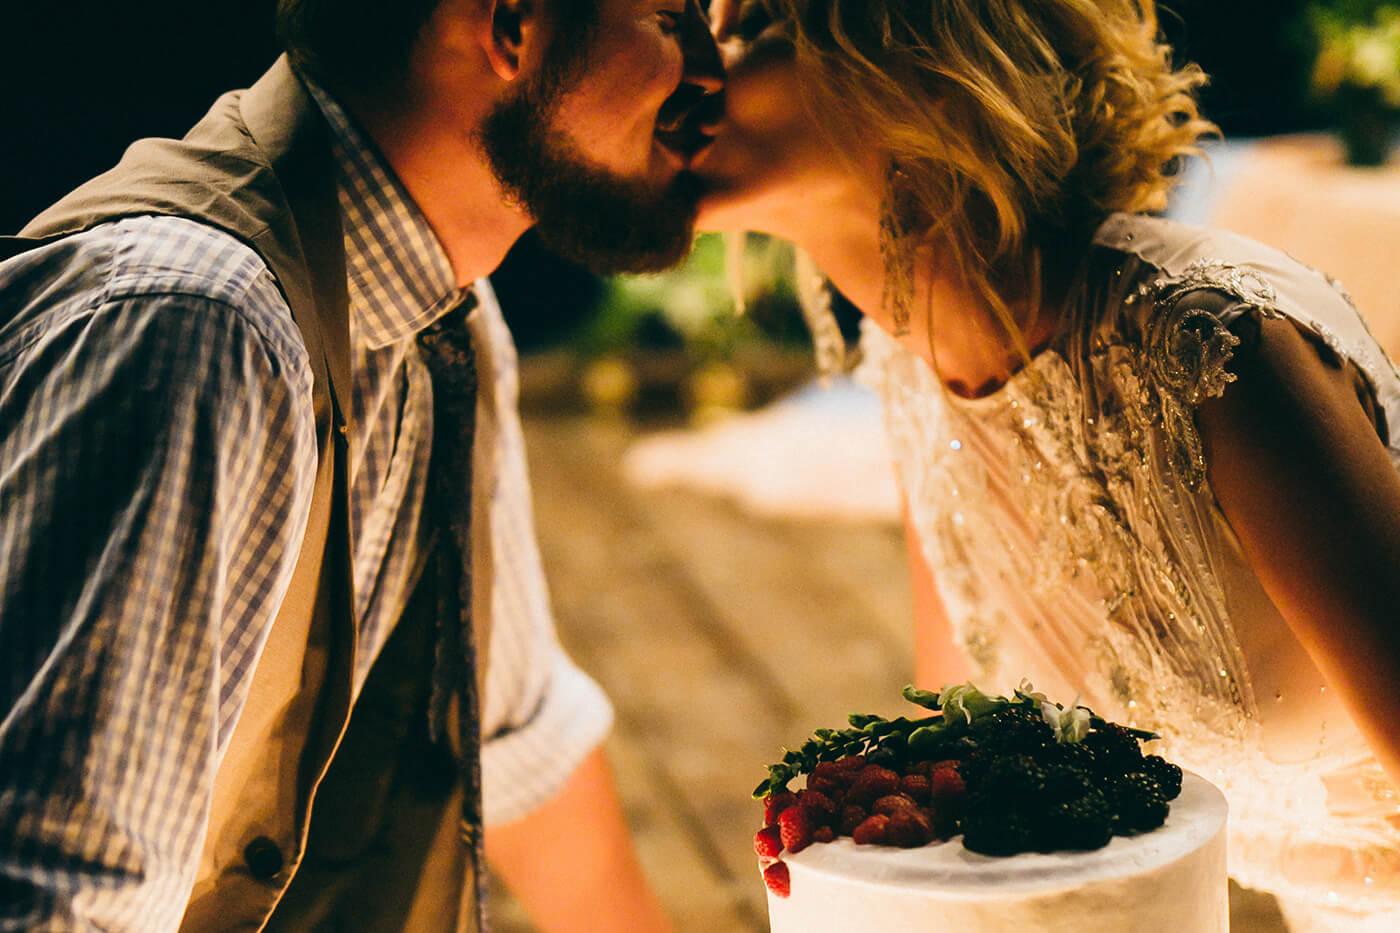 Brauch Hochzeit Schweiz über Torte küssen